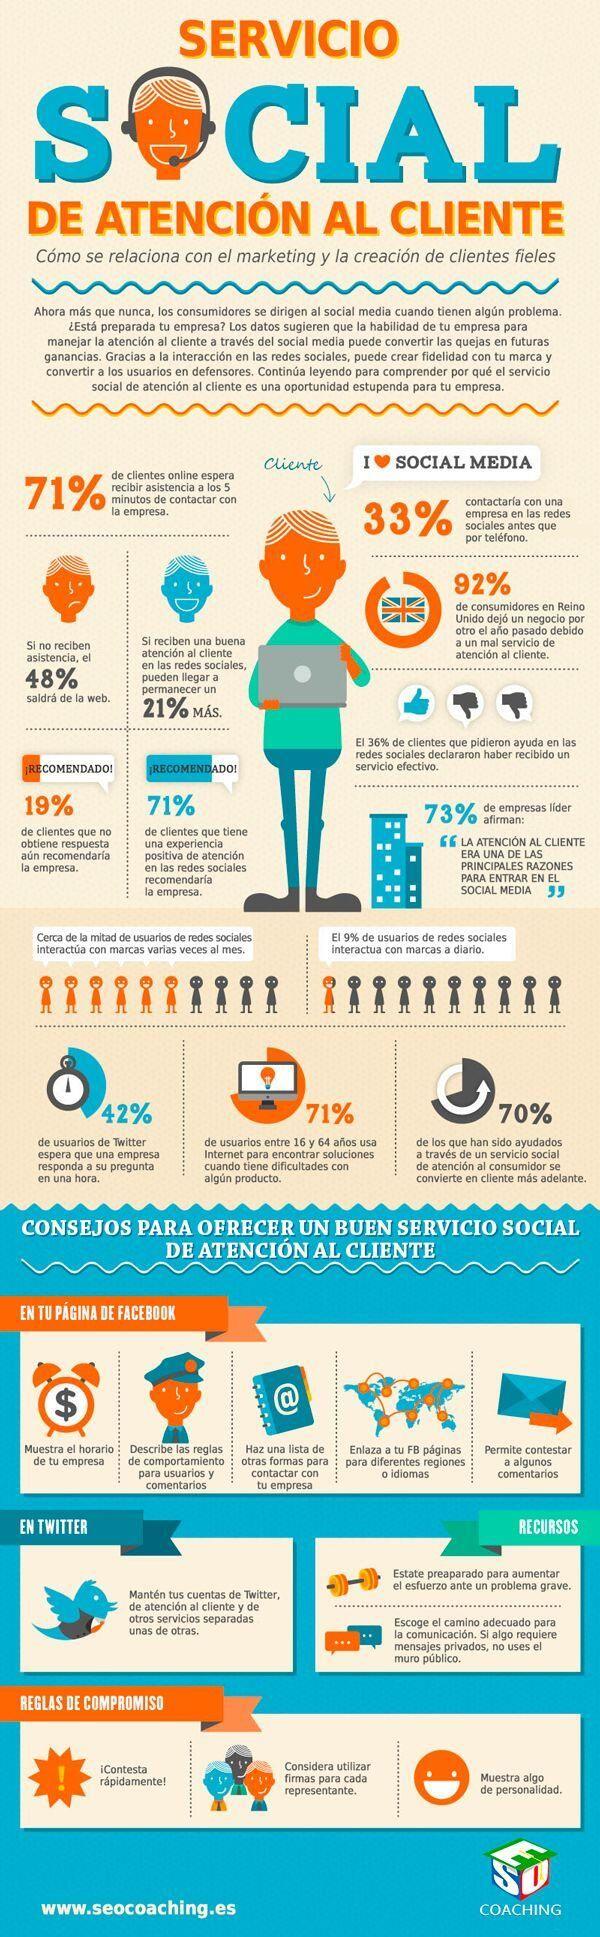 Servicio Social de atención al cliente. #Infografía en español.